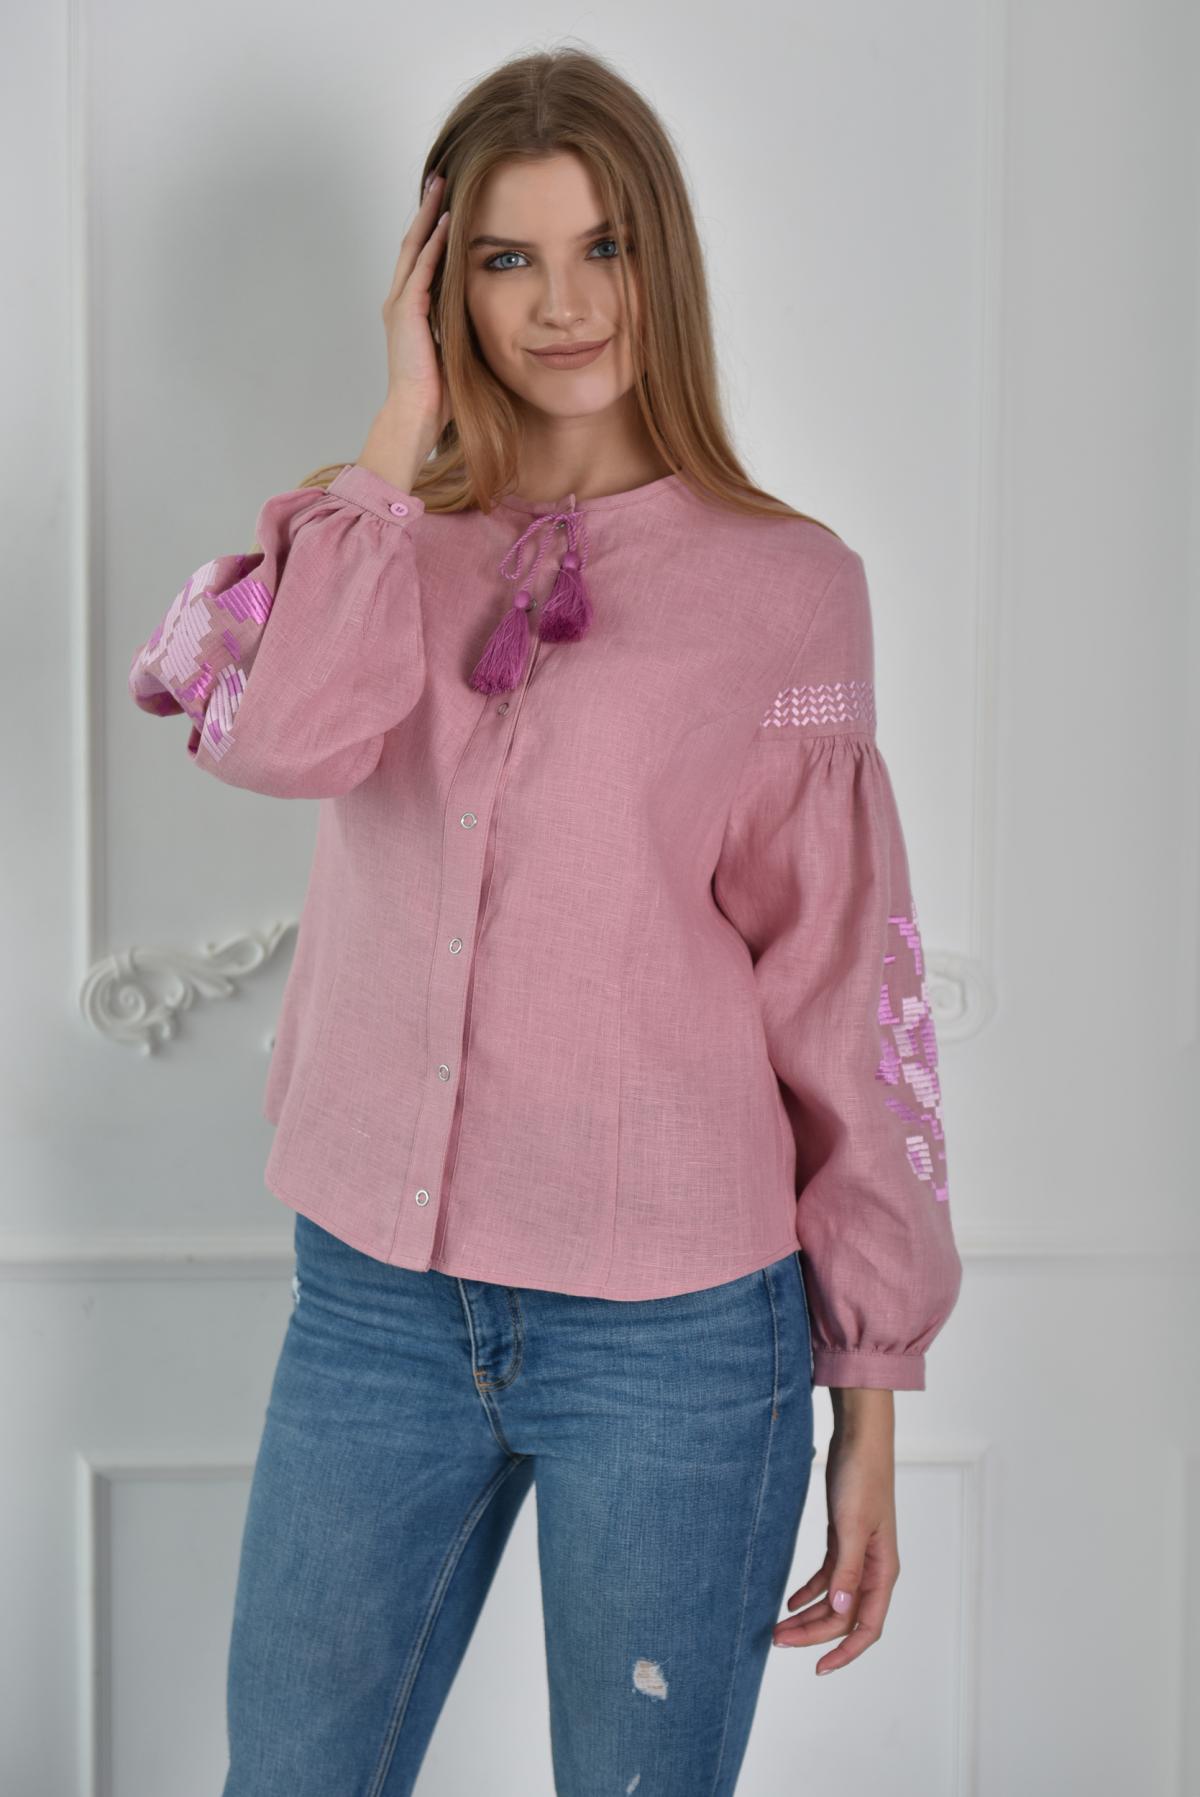 Рожева жіноча вишиванка. Фото №1. | Народний дім Україна